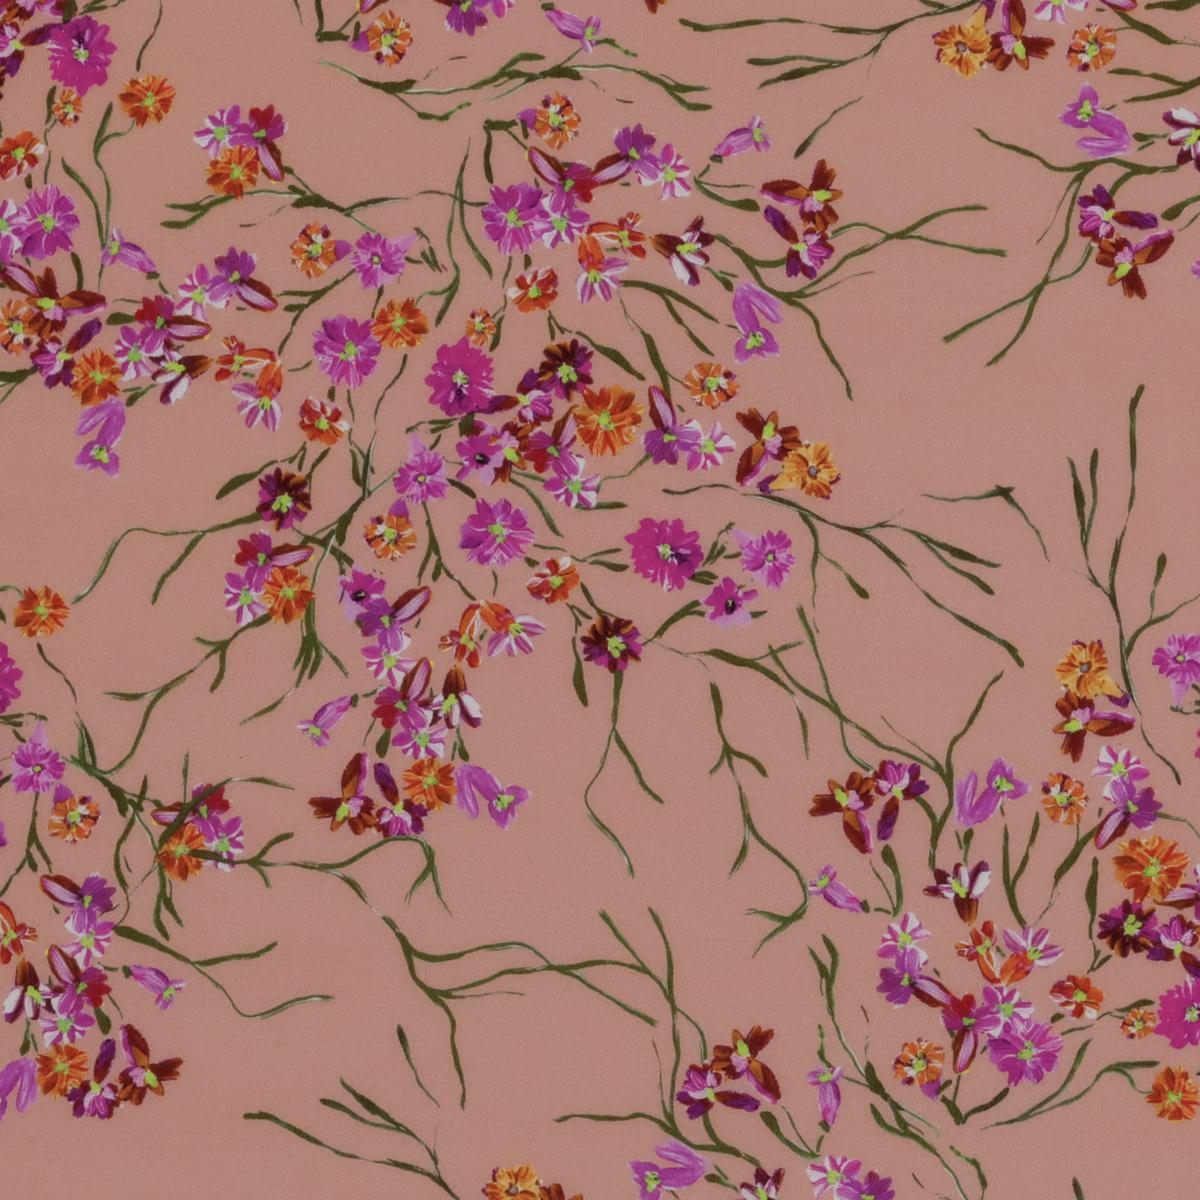 Шёлковая ткань в россыпь оранжевых и цвета фуксии соцветий